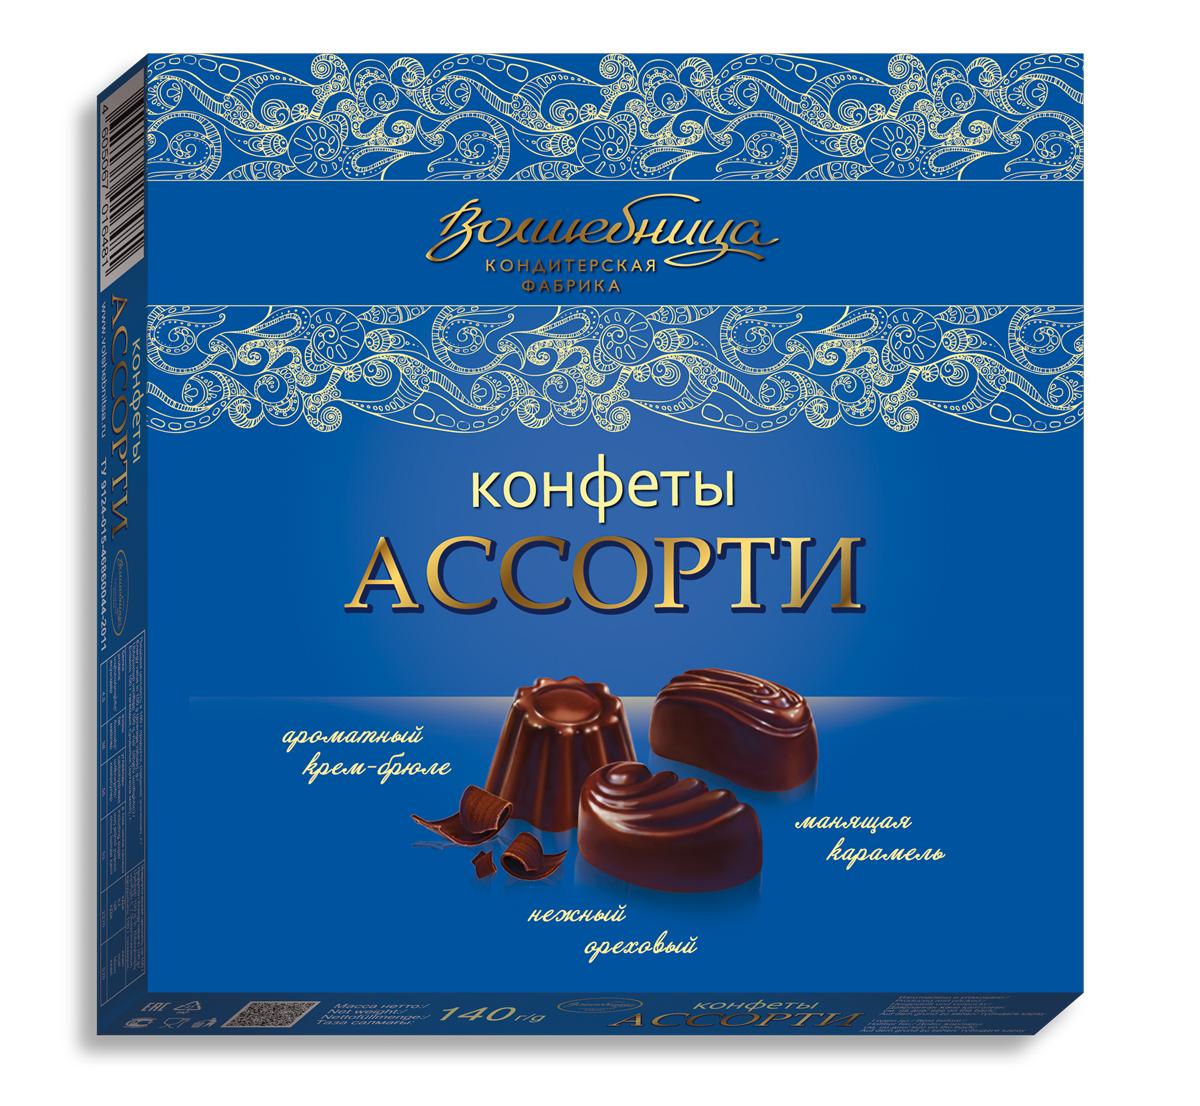 Волшебница конфеты ассорти (синие), 140 г1.8237Мини набор ассорти из 3-х видов конфет с любимыми вкусами: шоколадным и карамельным, шоколадным и крем-брюле, шоколадным и ореховым. Стиль минимализм. Чистота и ясность. Чтобы порадовать себя и близких просто так безо всякого повода.